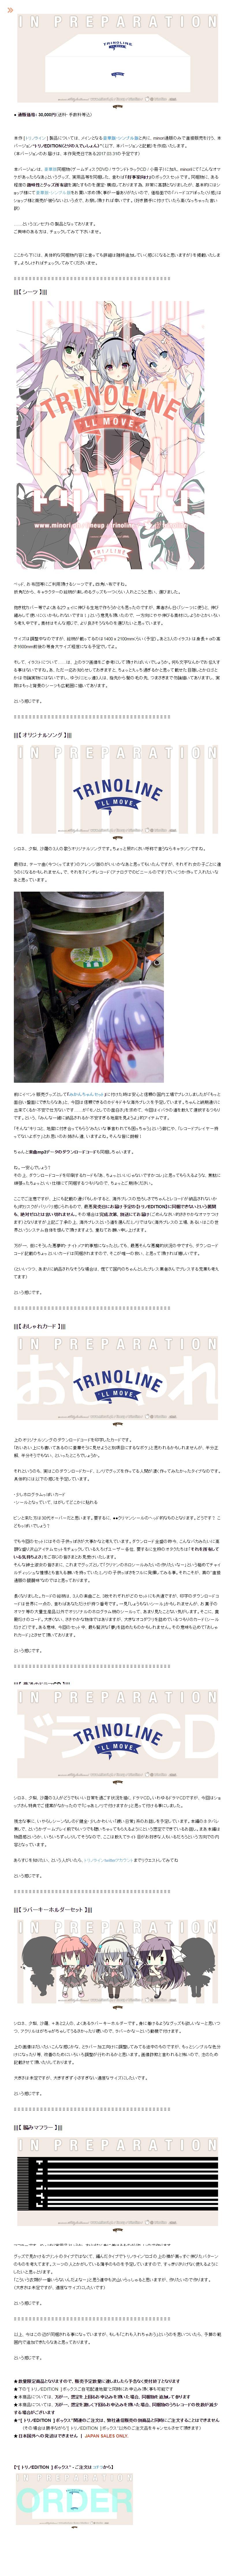 -トリノEDITION _ 製品概要|トリノライン|minori